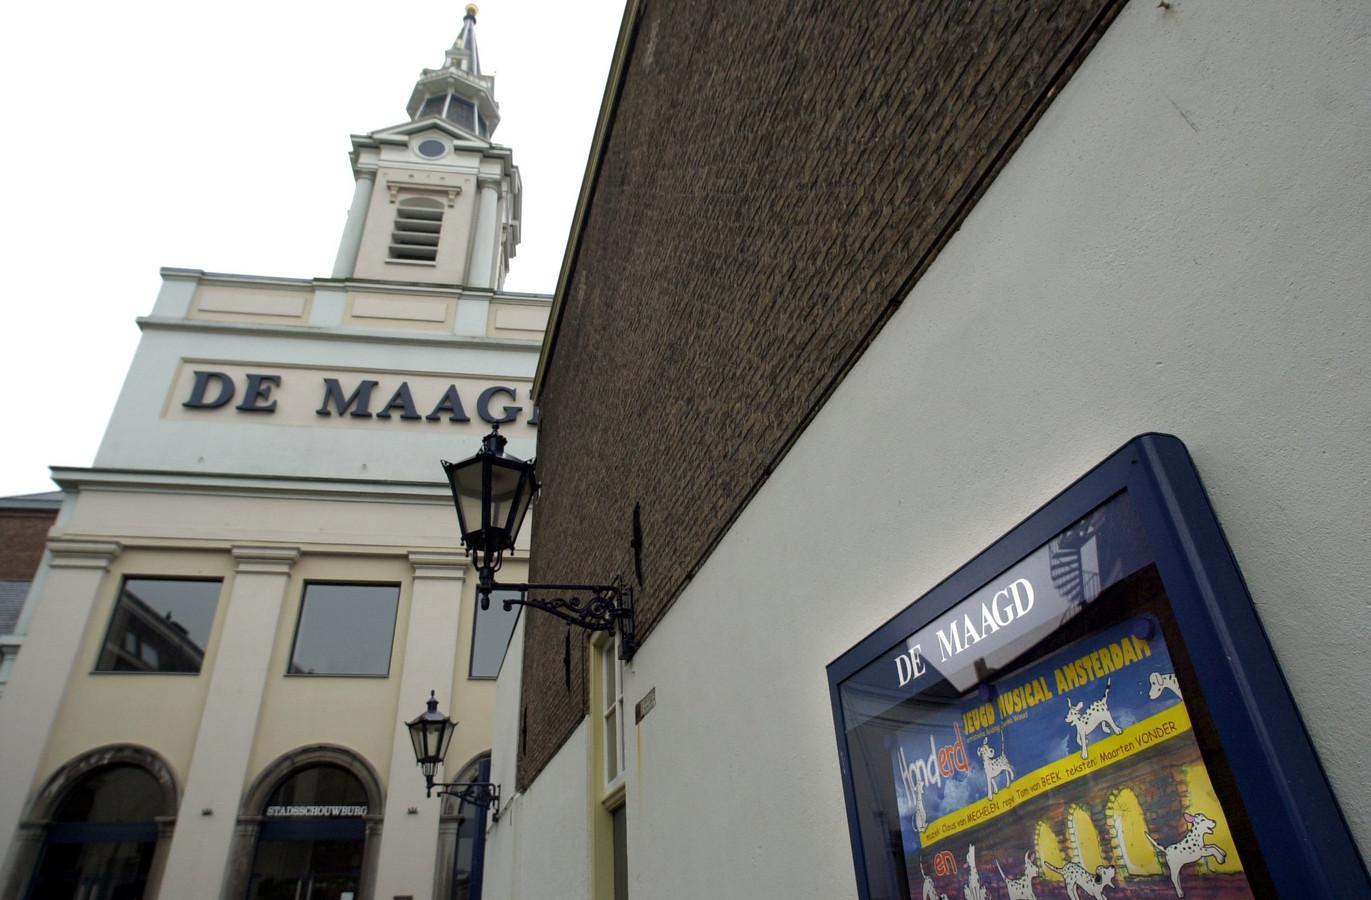 De Heilige Maagdkerk in Bergen op Zoom werd eind jaren tachtig omgebouwd tot theater. Een prima herbestemming, meent Erfgoedvereniging Heemschut.